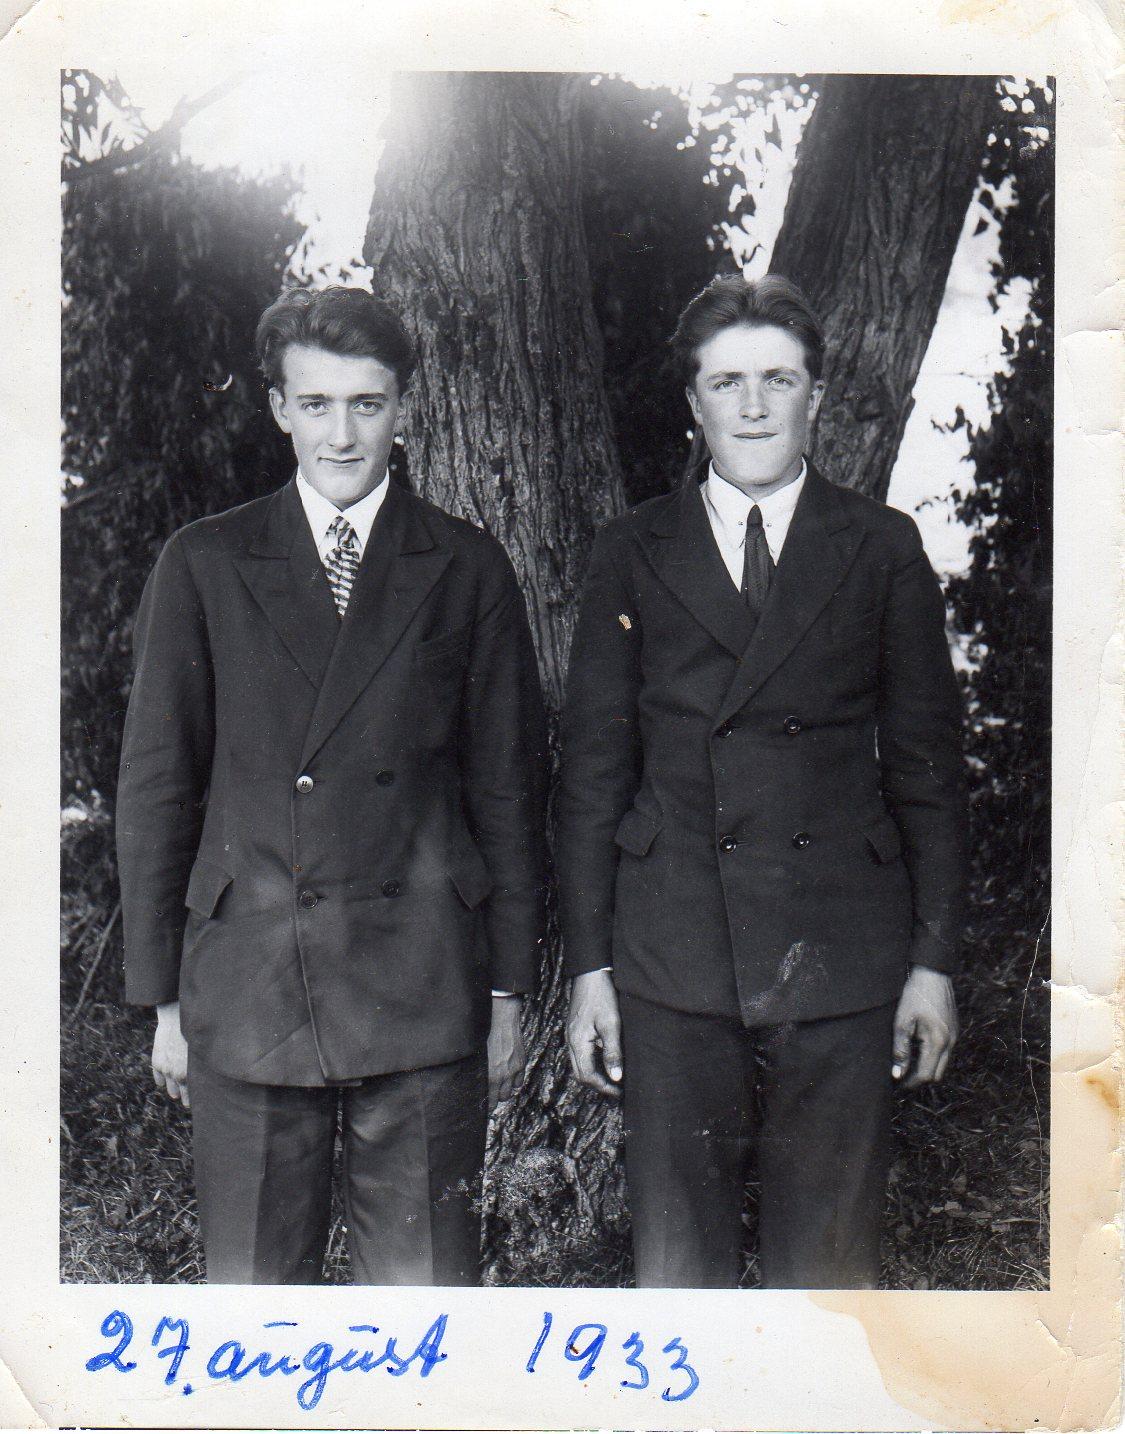 Brødrene Nils og Johannes ved tuntreet på Ulvenaune i 1933. Nils er 19 år og Johannes 16.